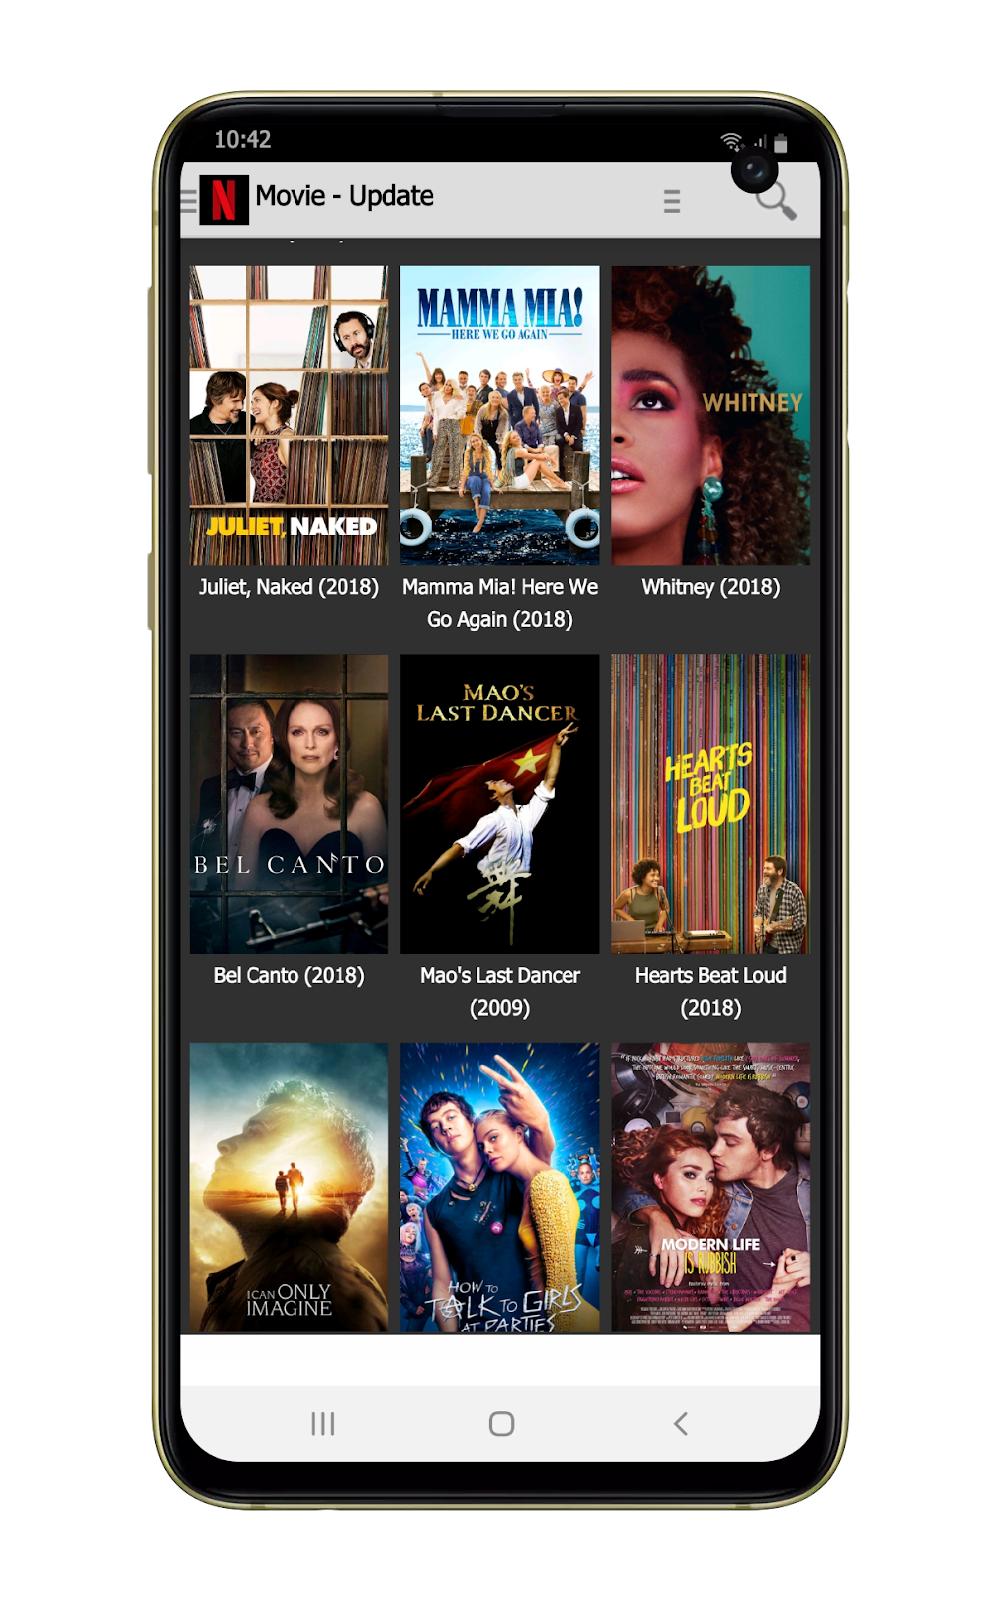 Netflix MOD APK Premium Download Latest (2019) - Android Tean